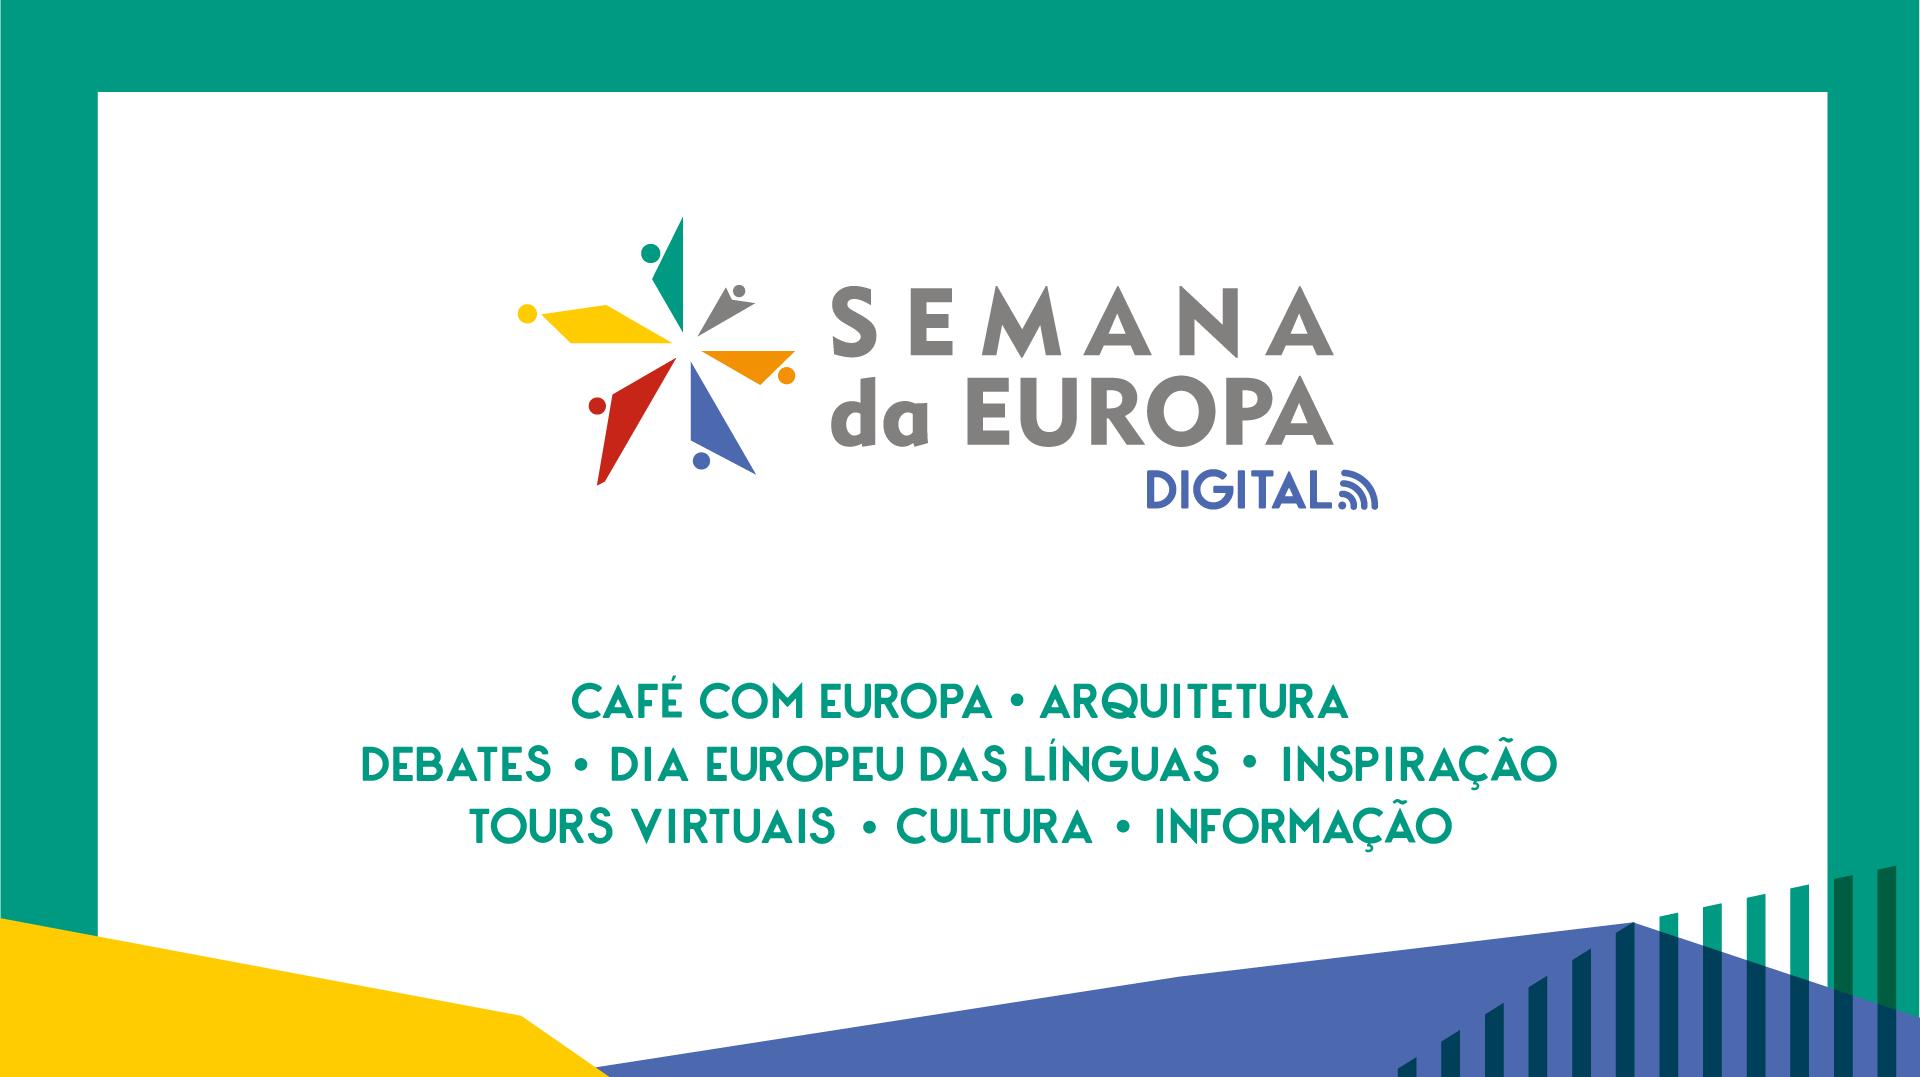 Imagem de XVI SEMANA DA EUROPA DIGITAL – TOURS VIRTUAIS